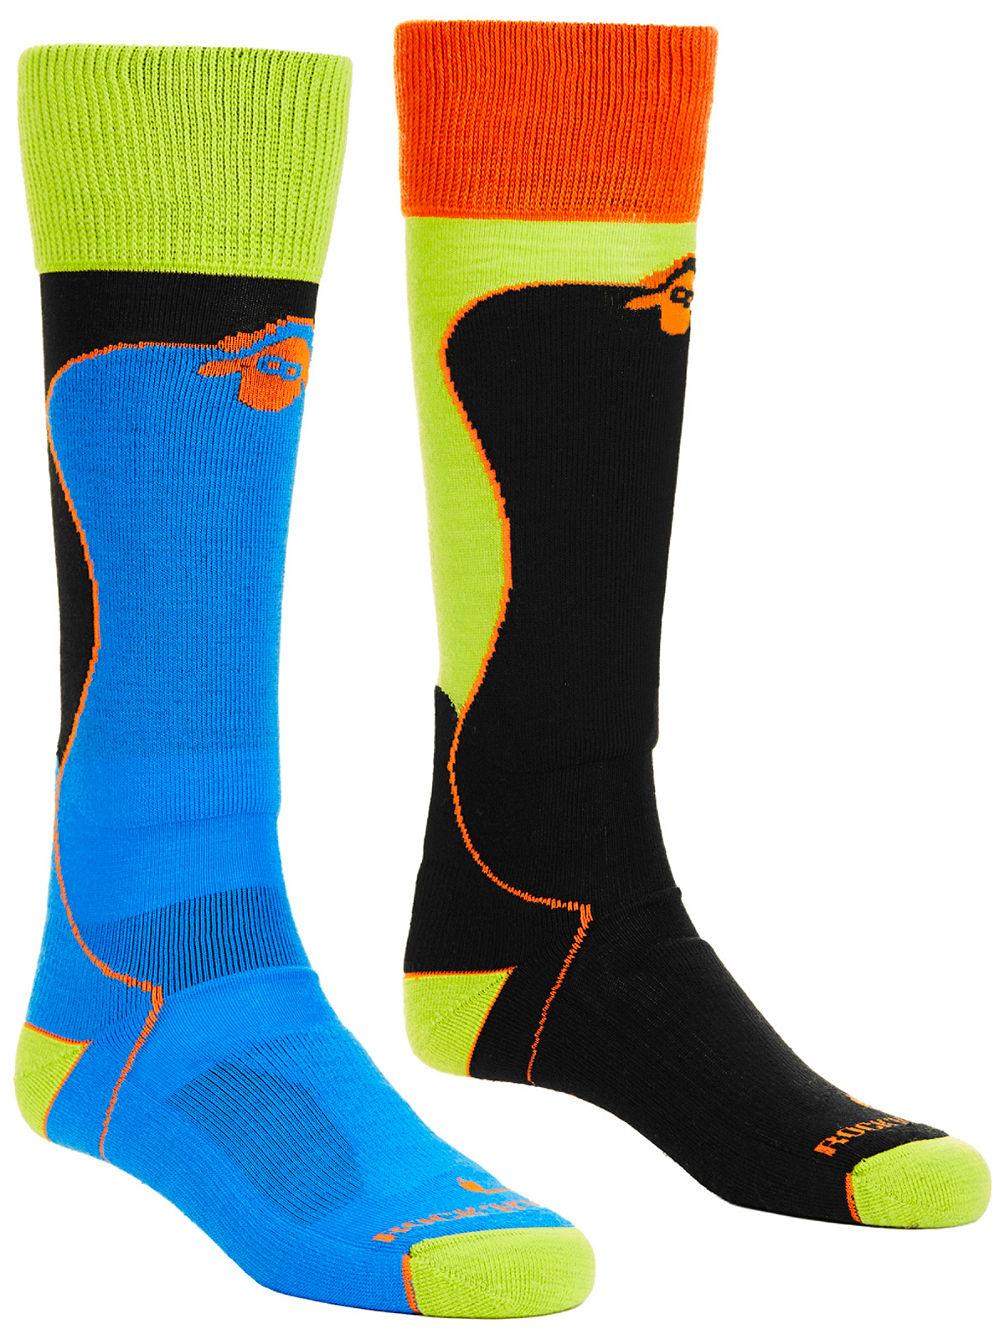 Ortovox SKi Rock'N'Wool Tech Socks online kaufen bei blue ...